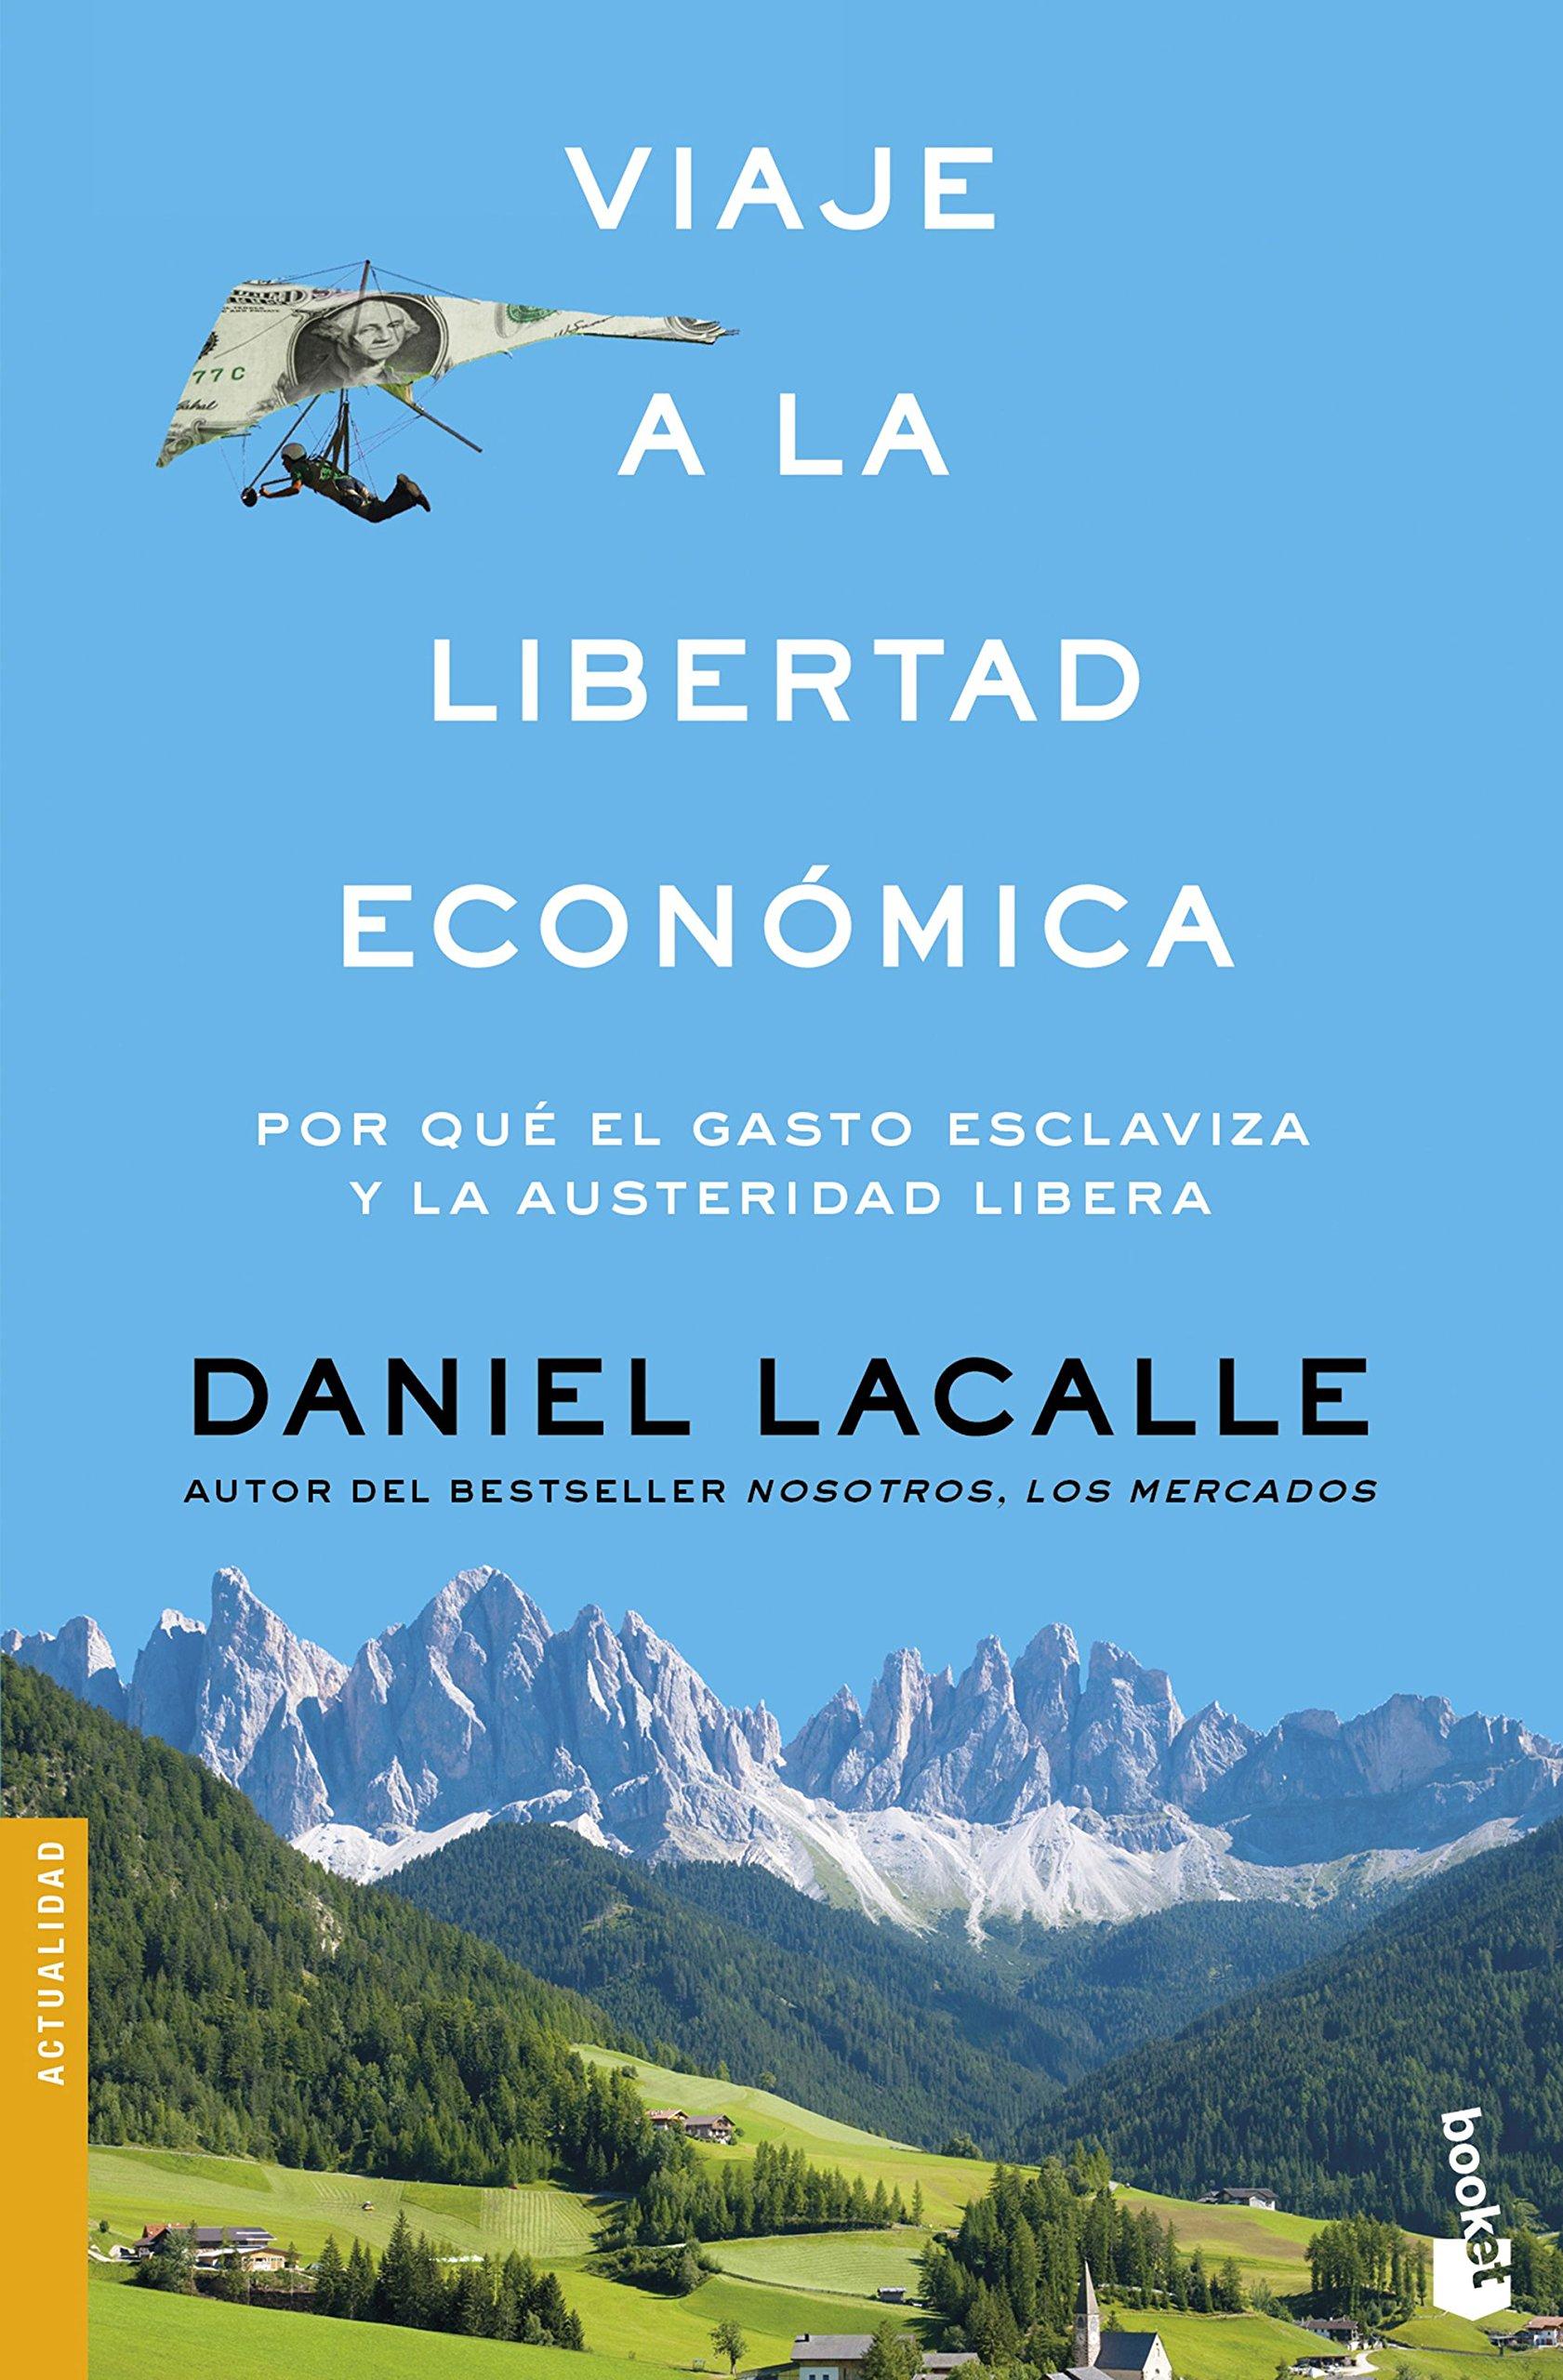 Viaje a la libertad económica (Divulgación) Tapa blanda – 4 abr 2017 Daniel Lacalle Booket 8423427323 Economics